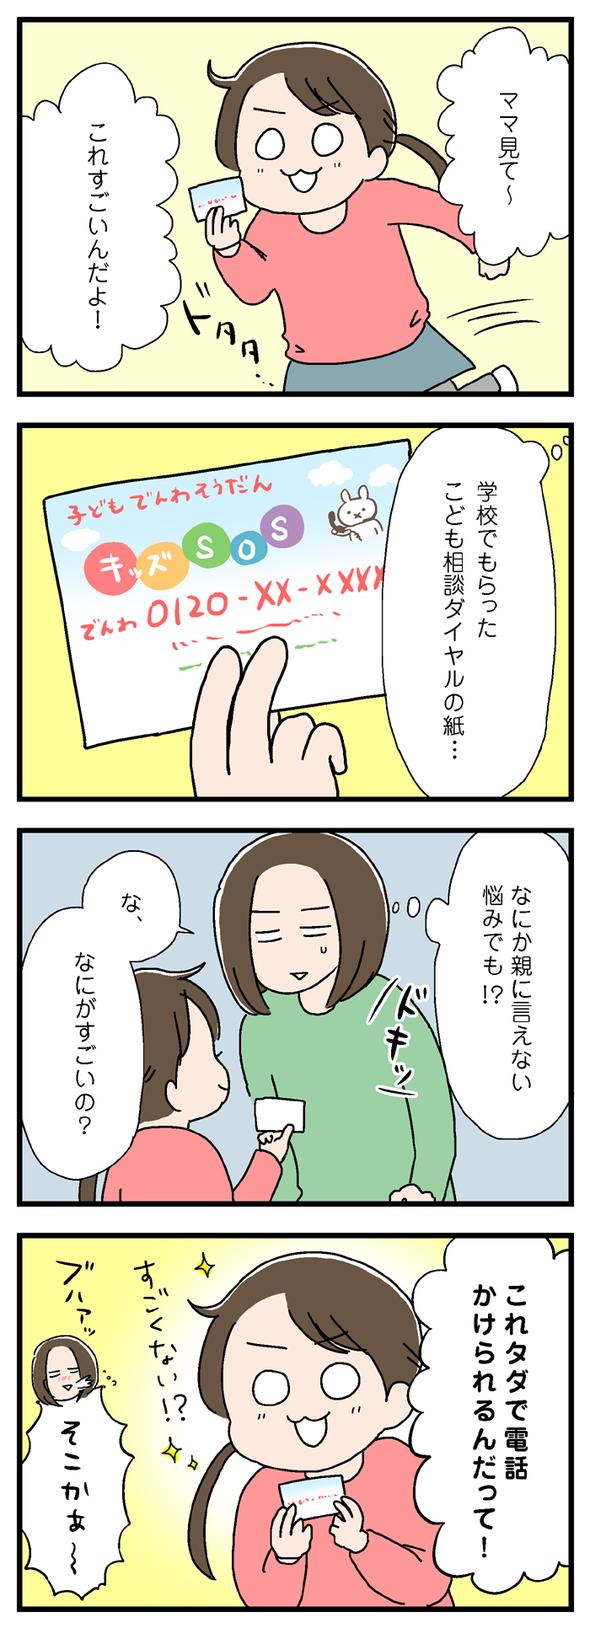 icchomae719